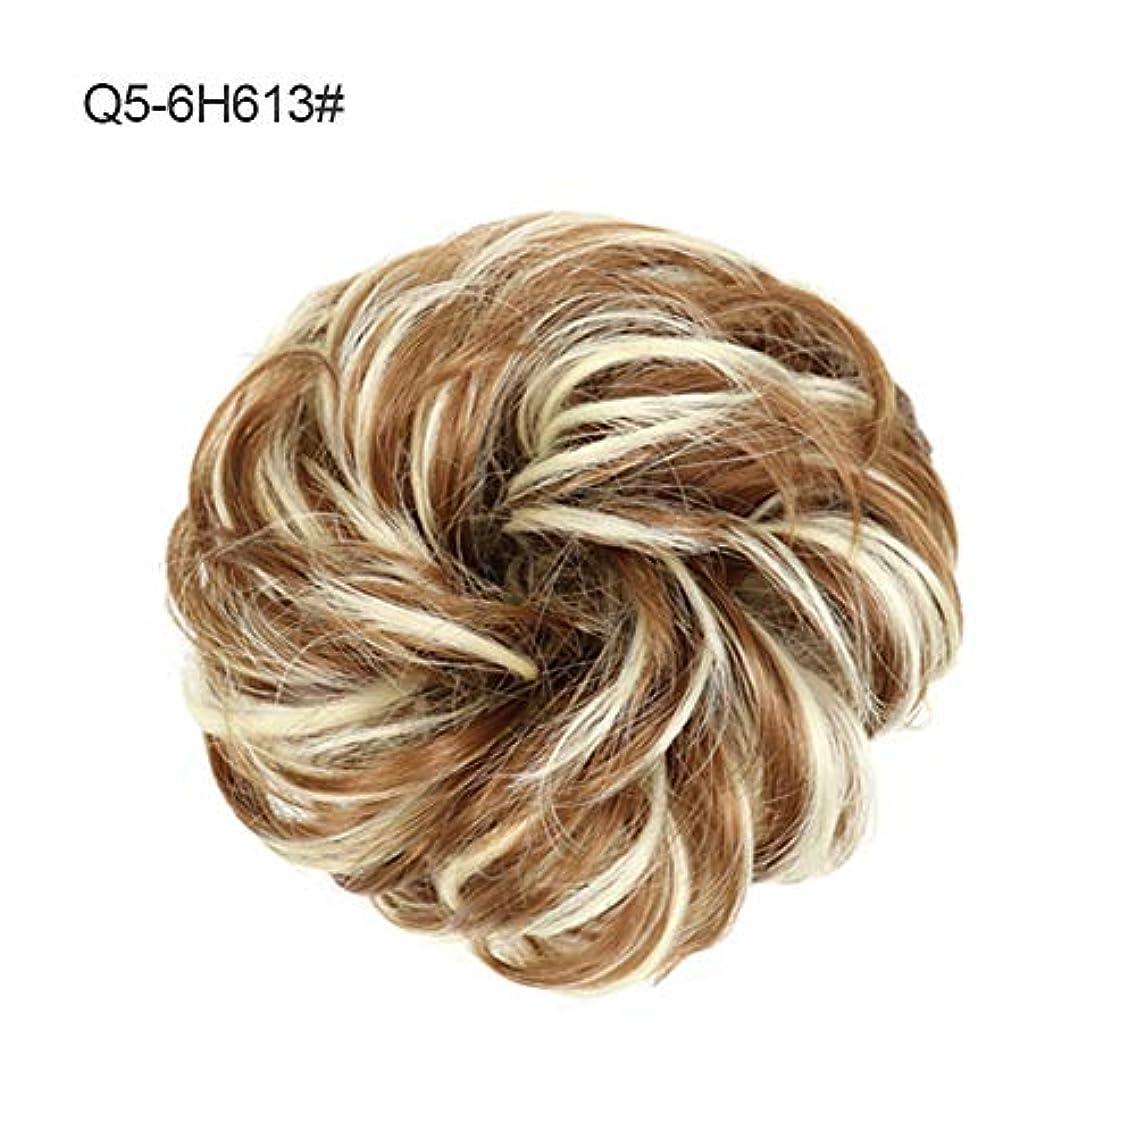 絵監督する一時的乱雑なポニーテールシニョンドーナツ拡張機能、女性のためのシュシュ髪お団子巻き毛波状リボンアクセサリー